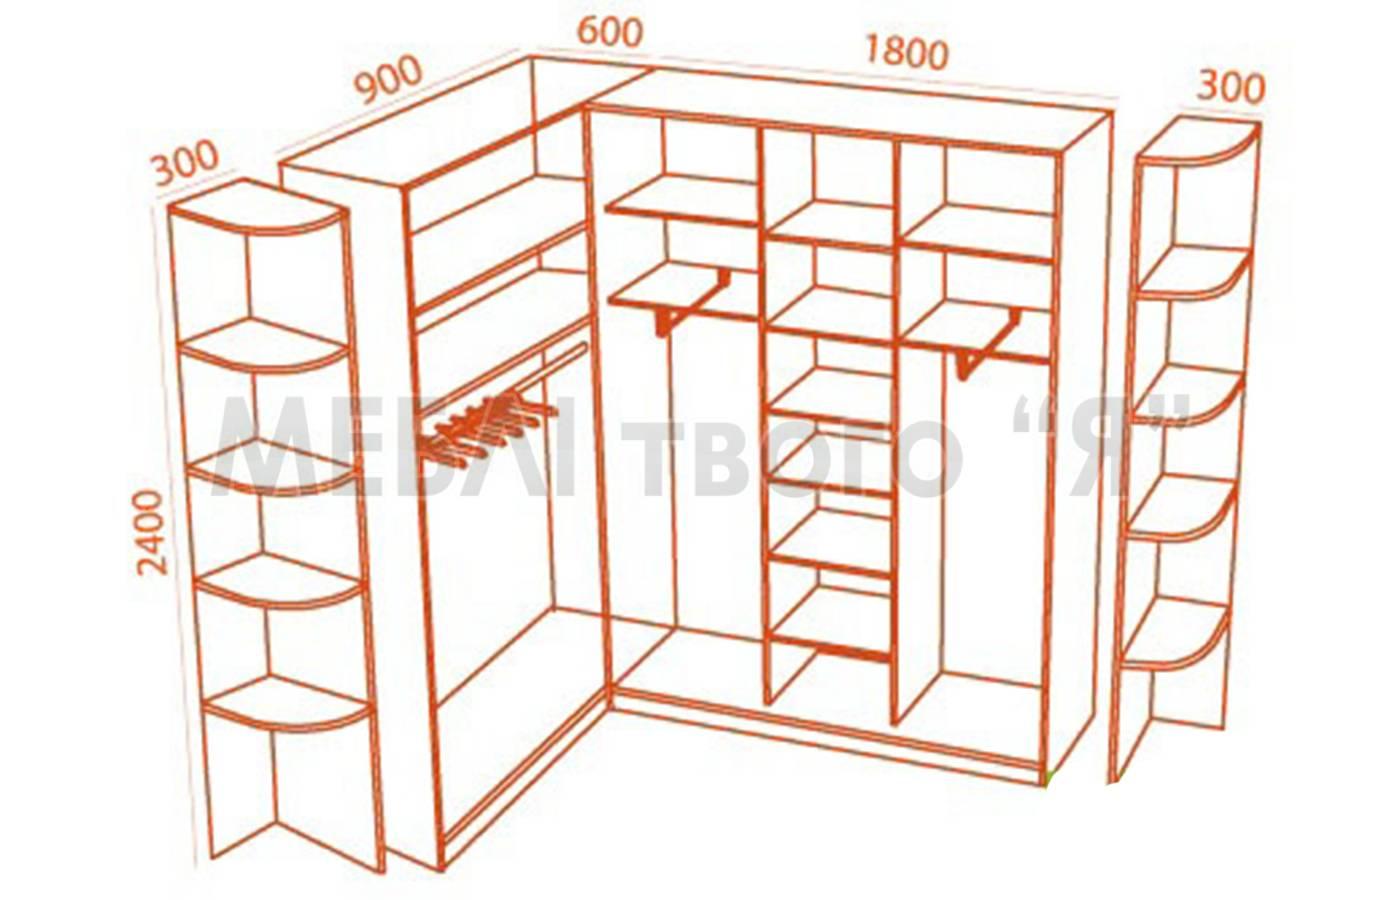 Шкаф купе с размерами, стандартные габариты, которые нужно у.